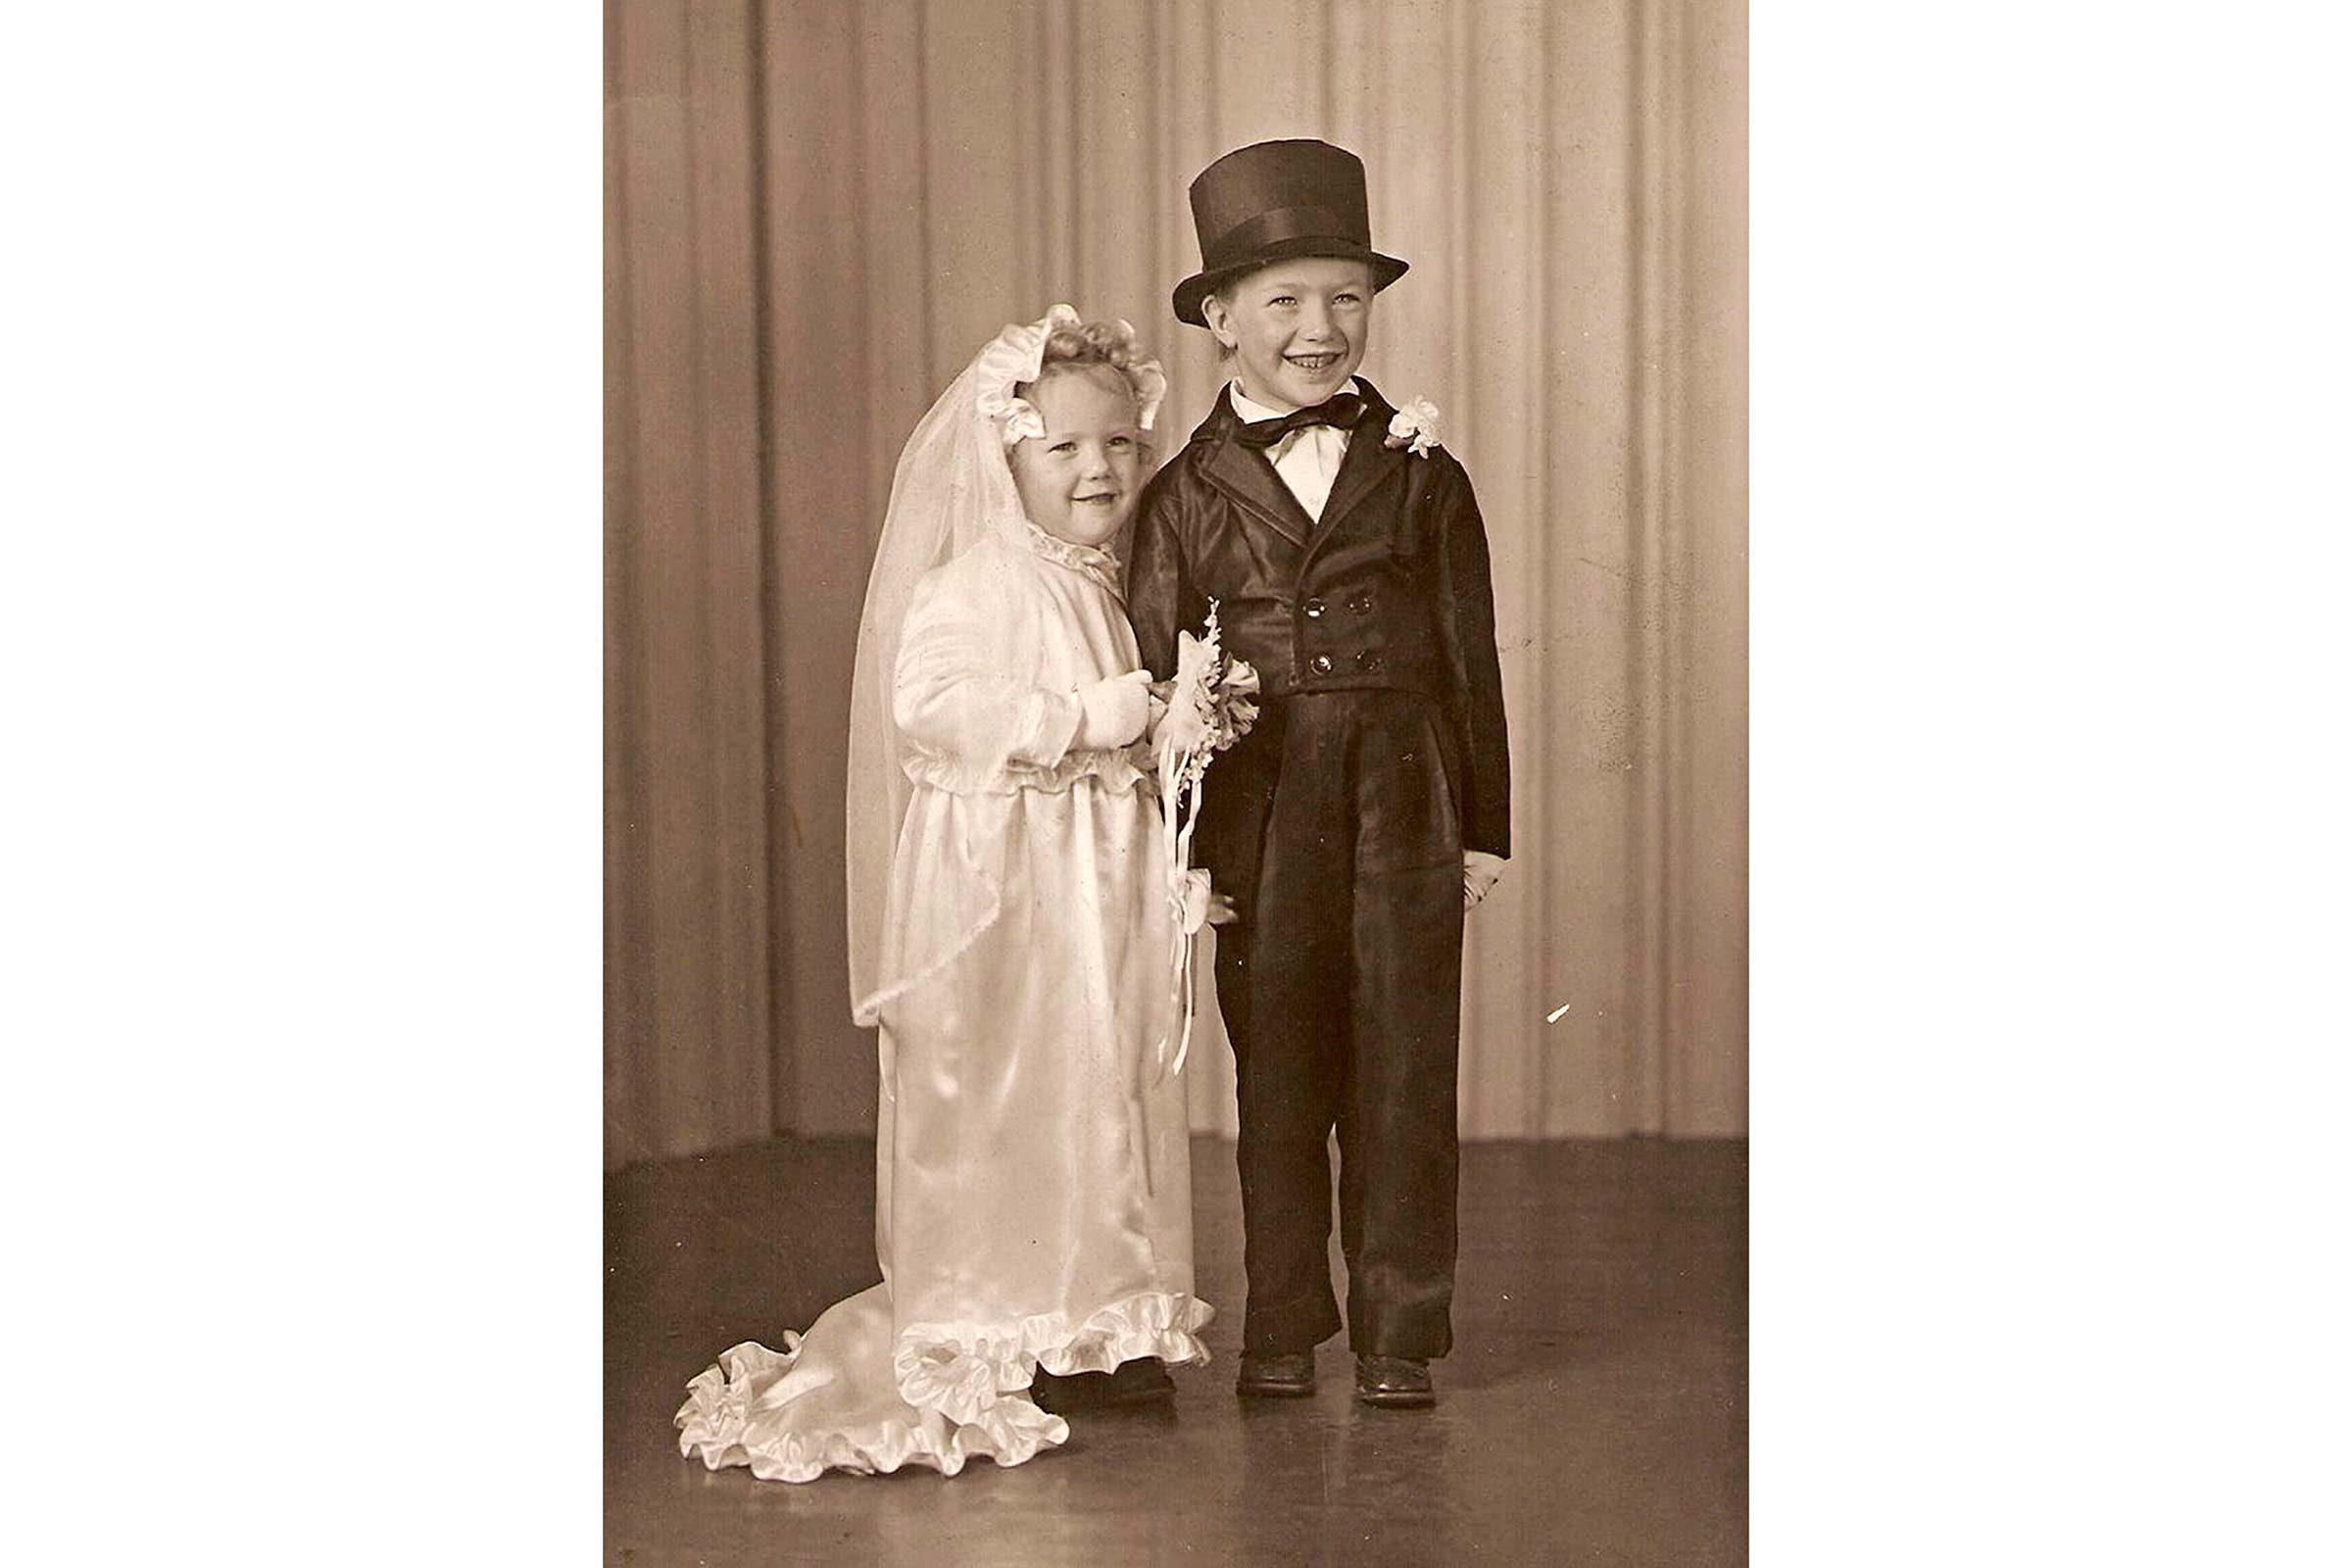 vintage halloween costumes we should bring back | reader's digest